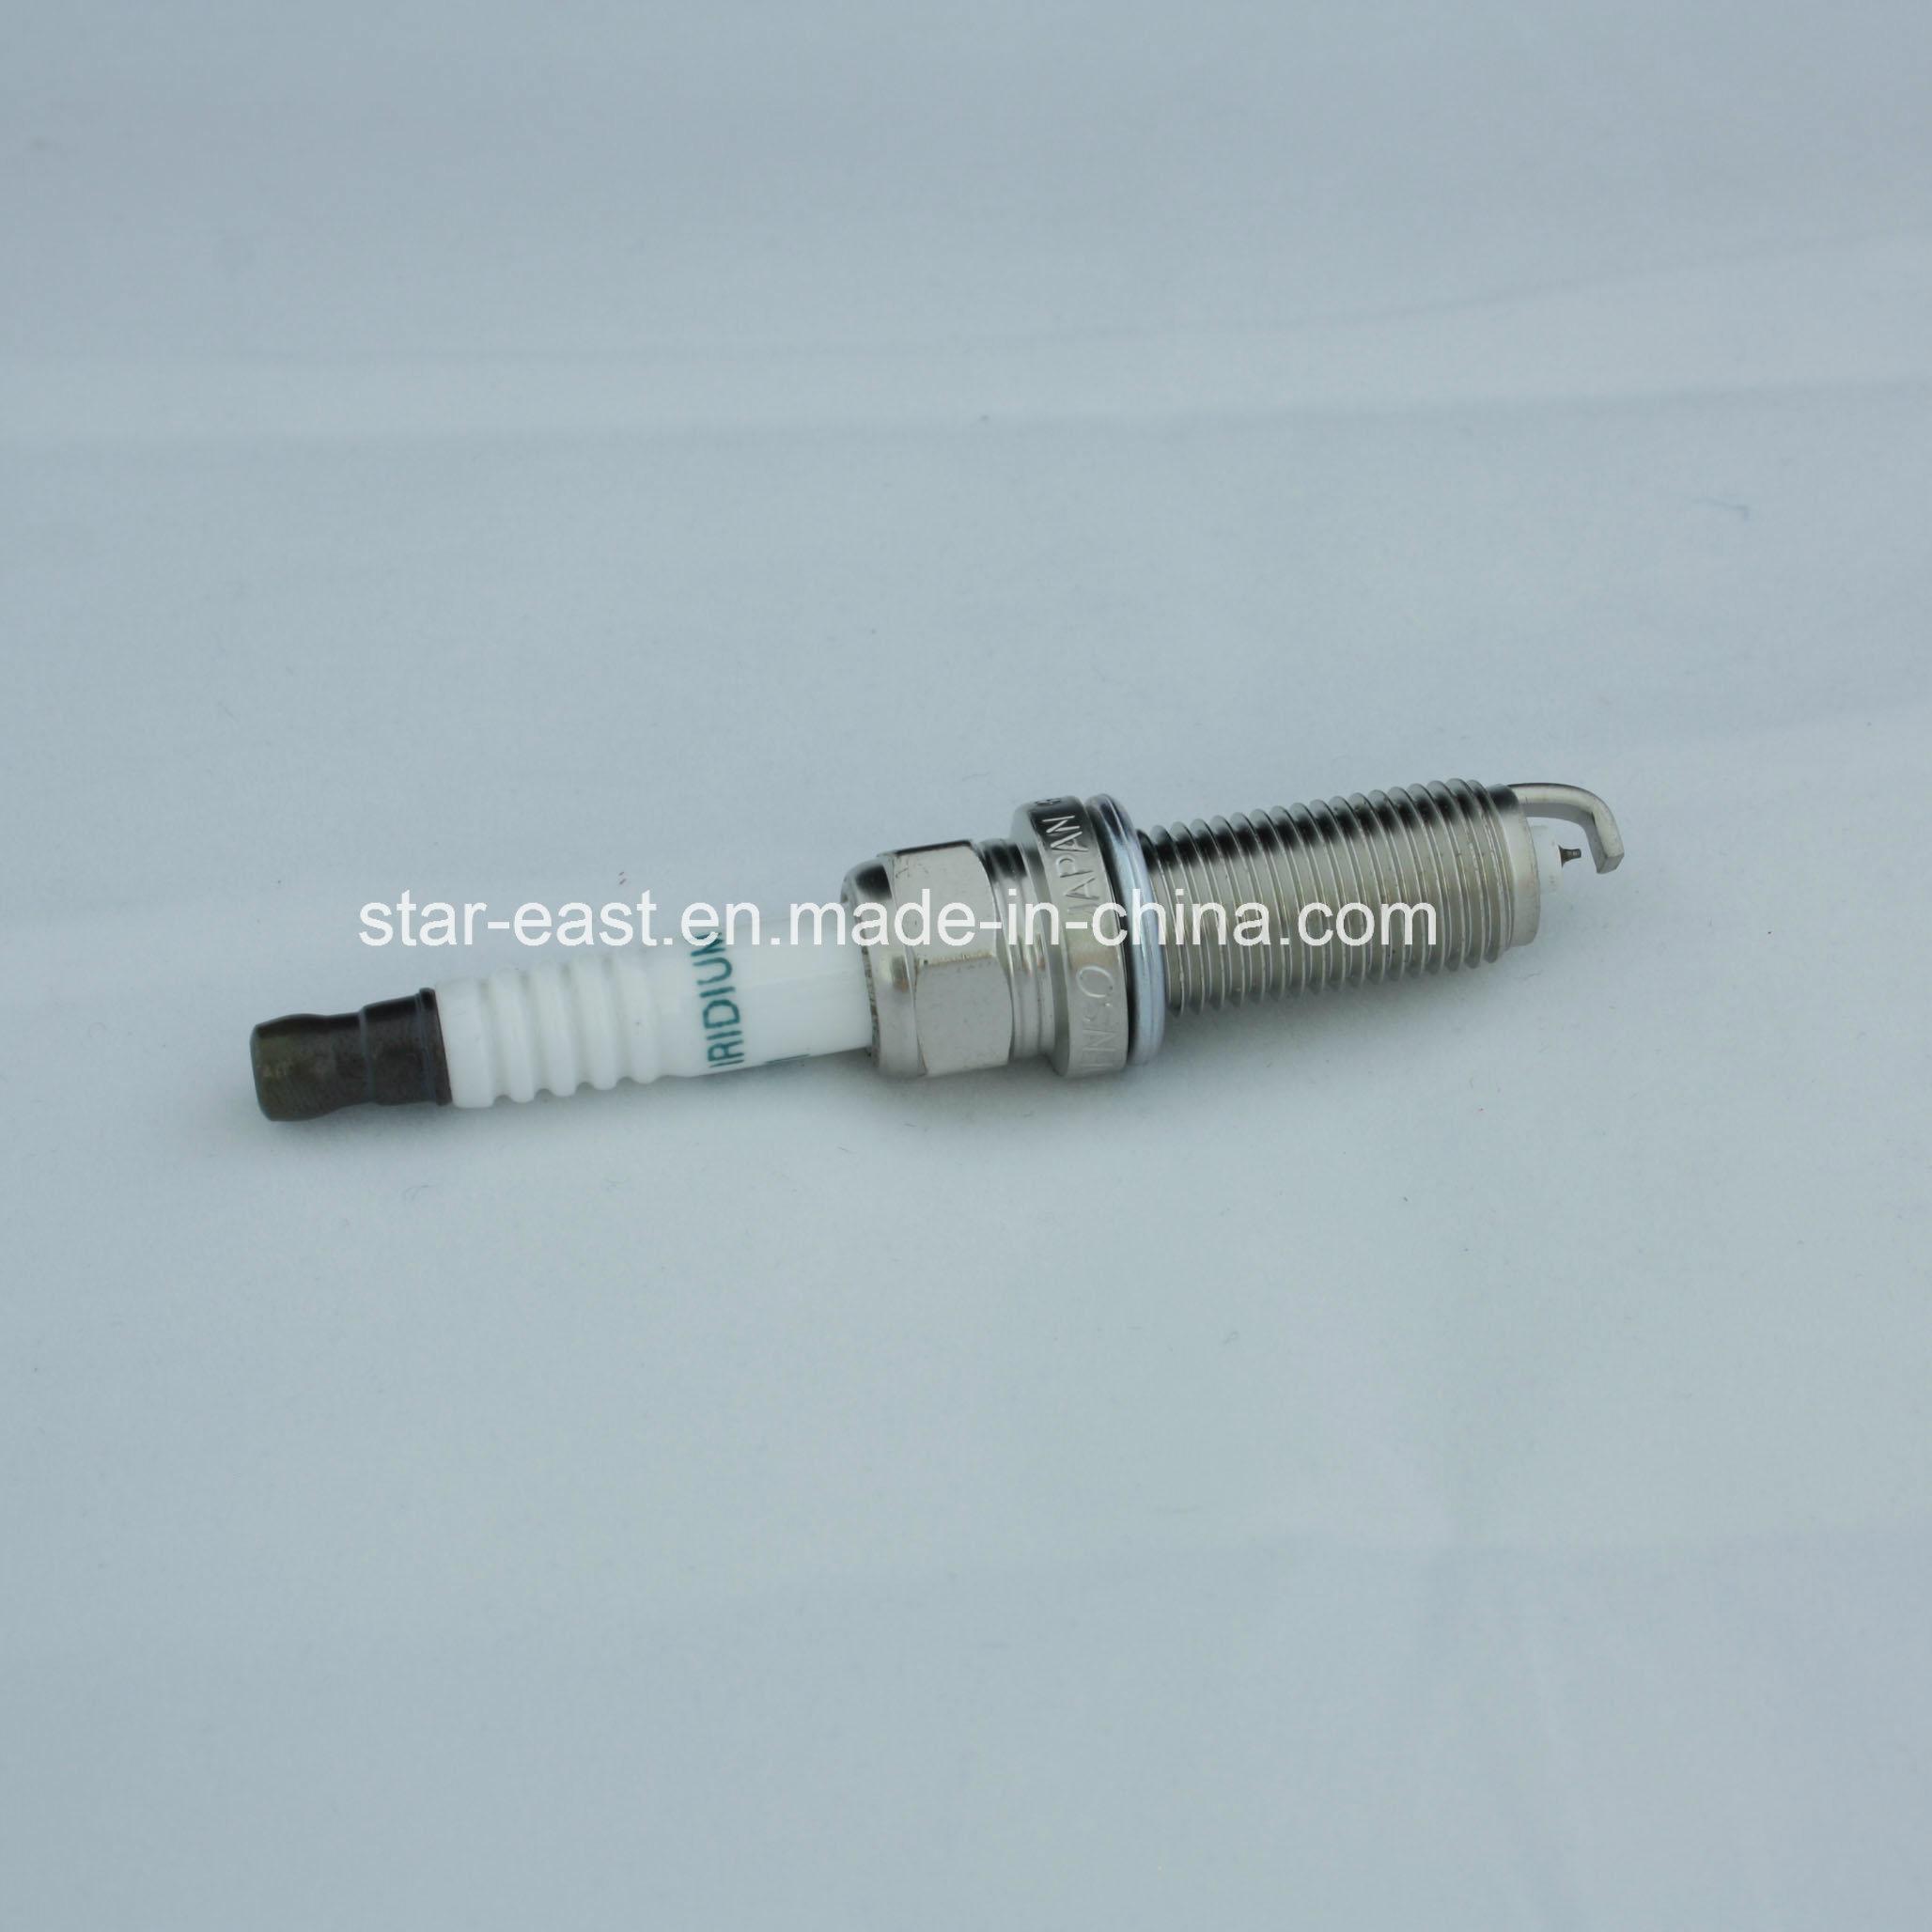 Iridium Power Spark Plug 90919 01253 for Denso Sc20hr111